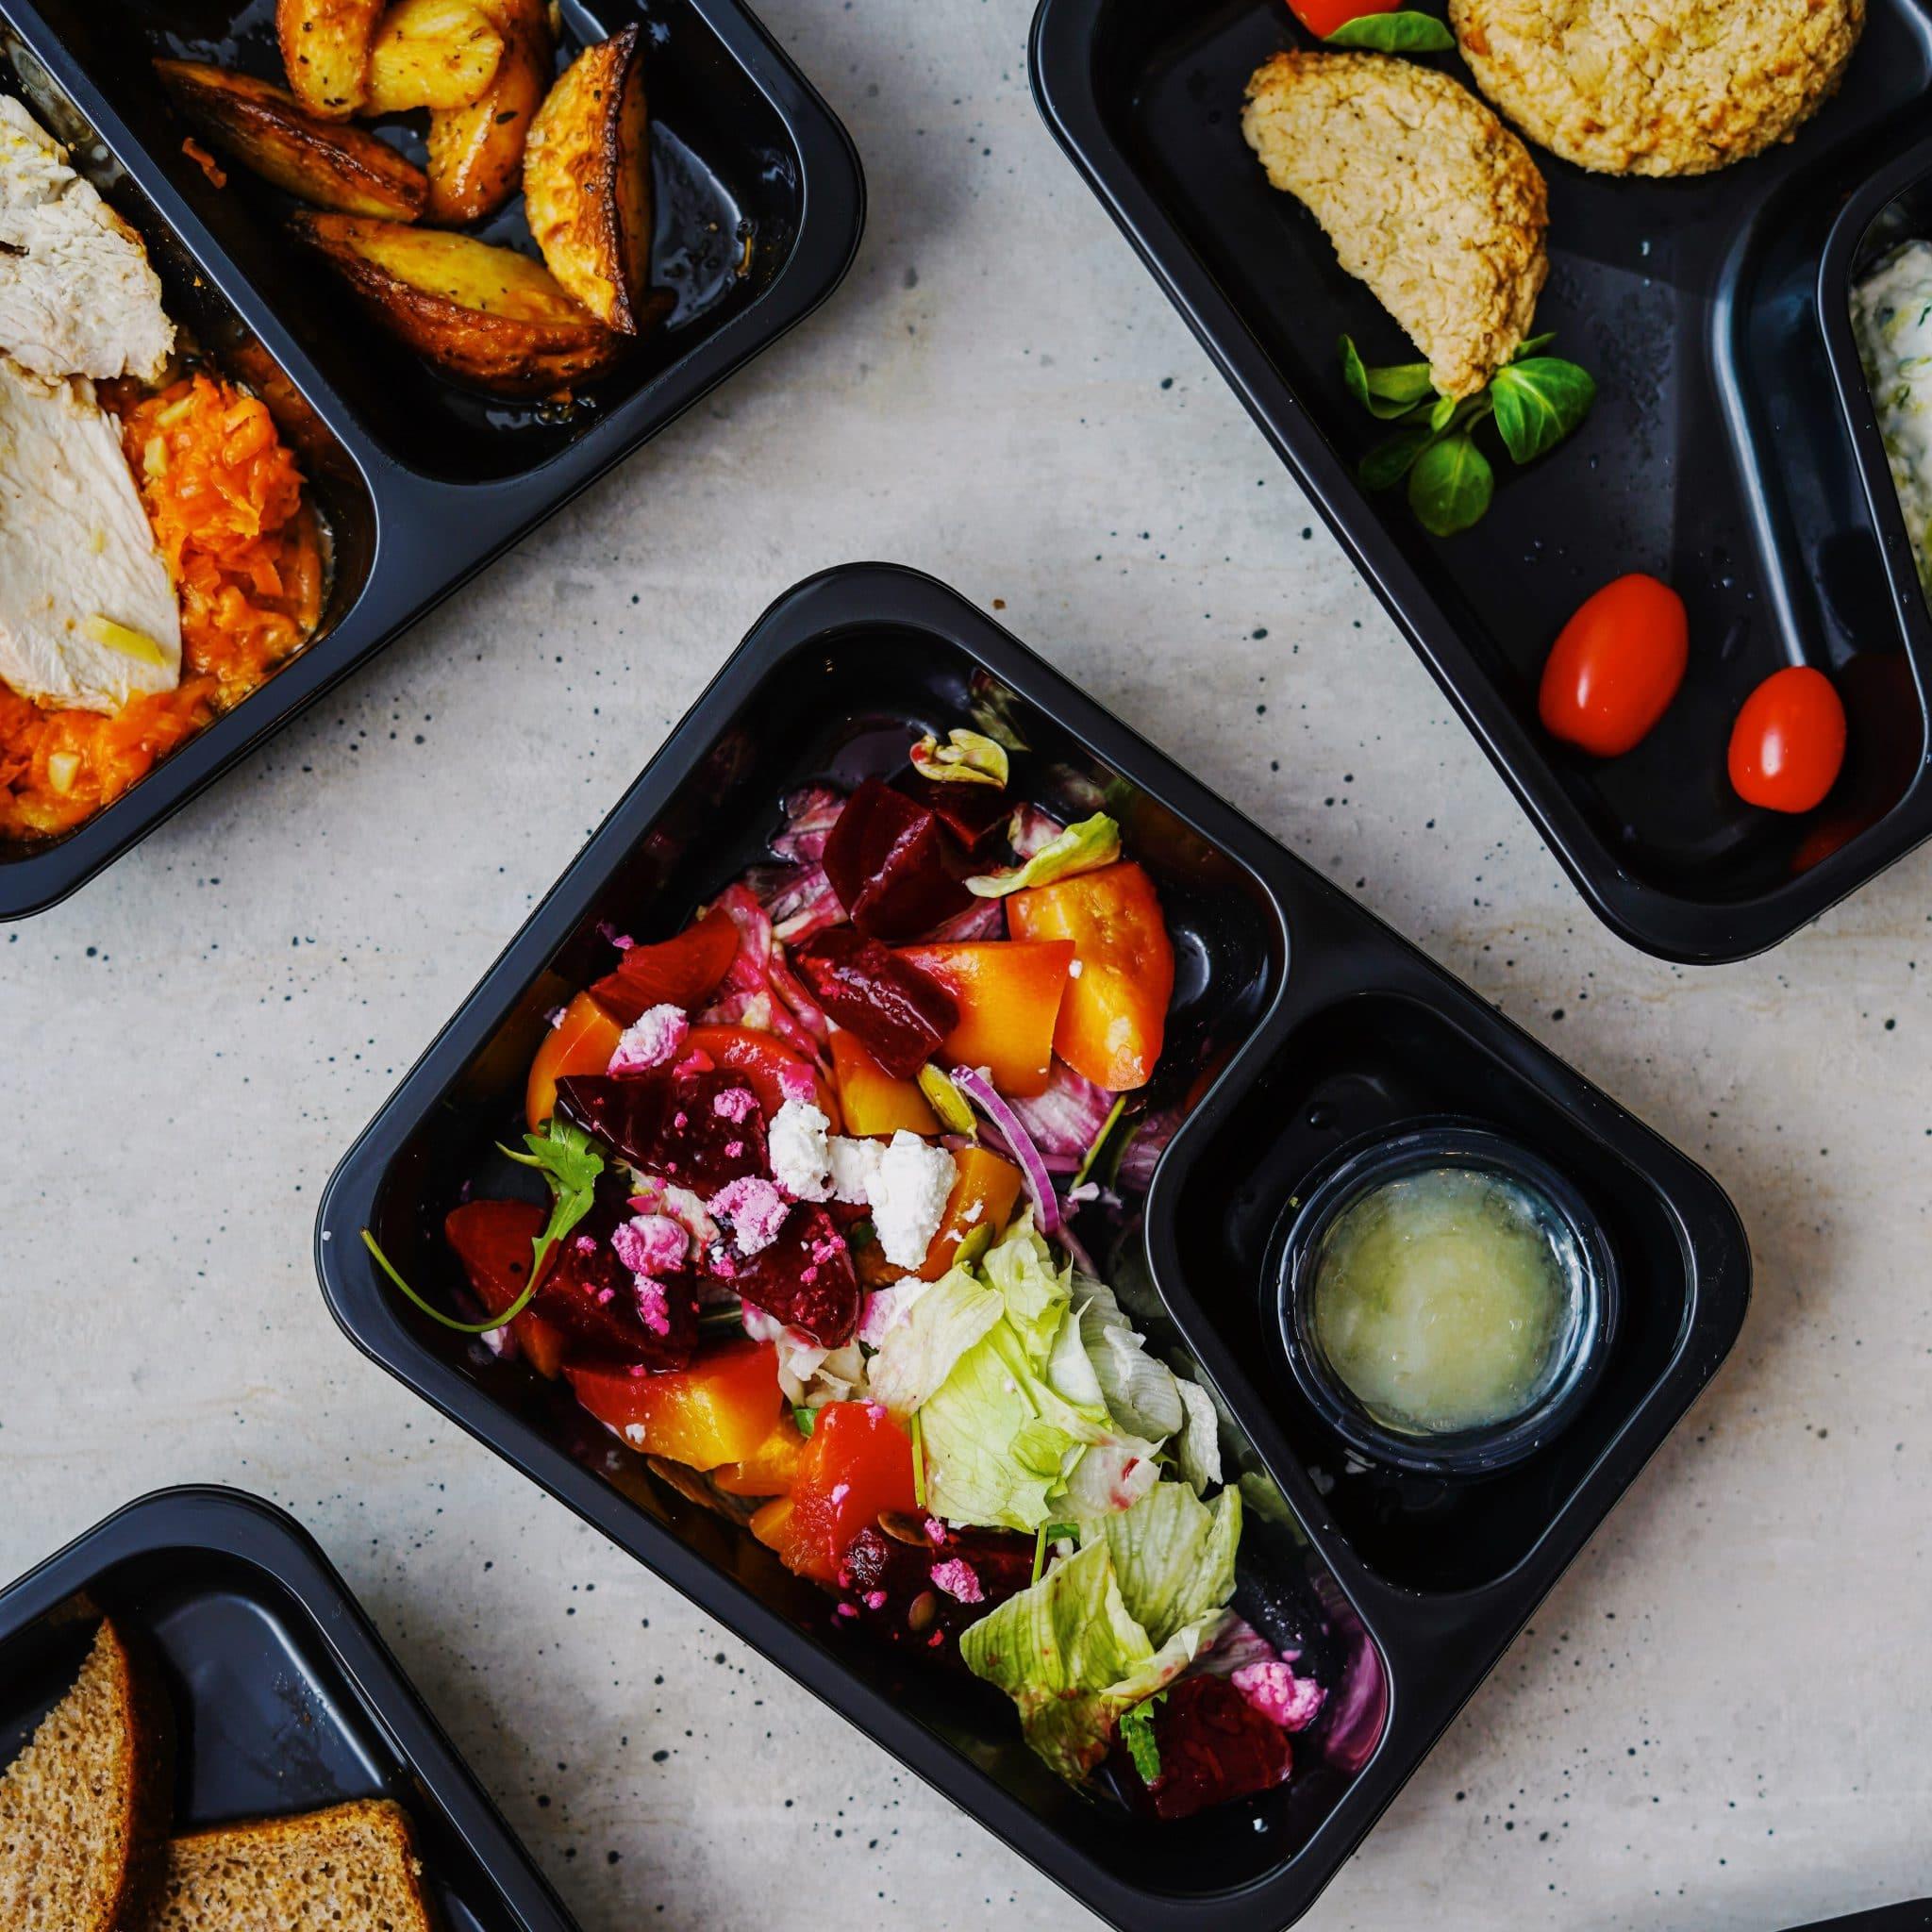 Optymalizacja diety pomoże Ci poprawić wyniki treningu crossfit!